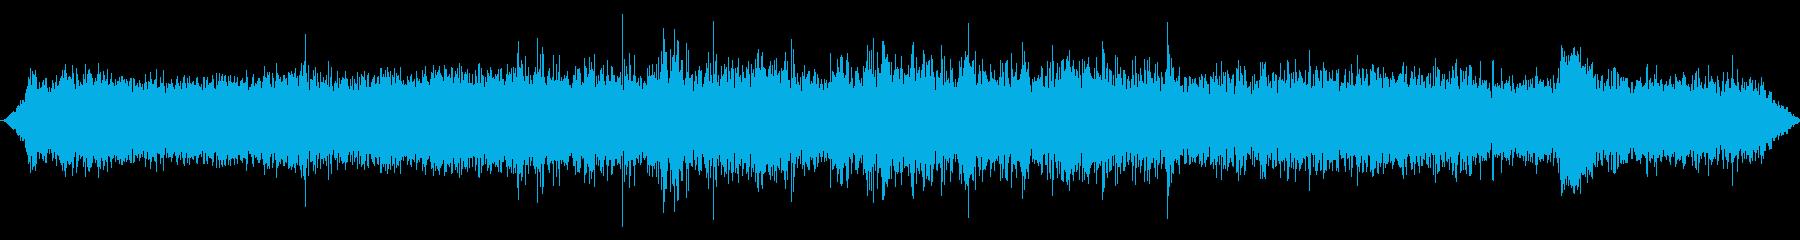 リアジェット55:INT:滑走路へ...の再生済みの波形